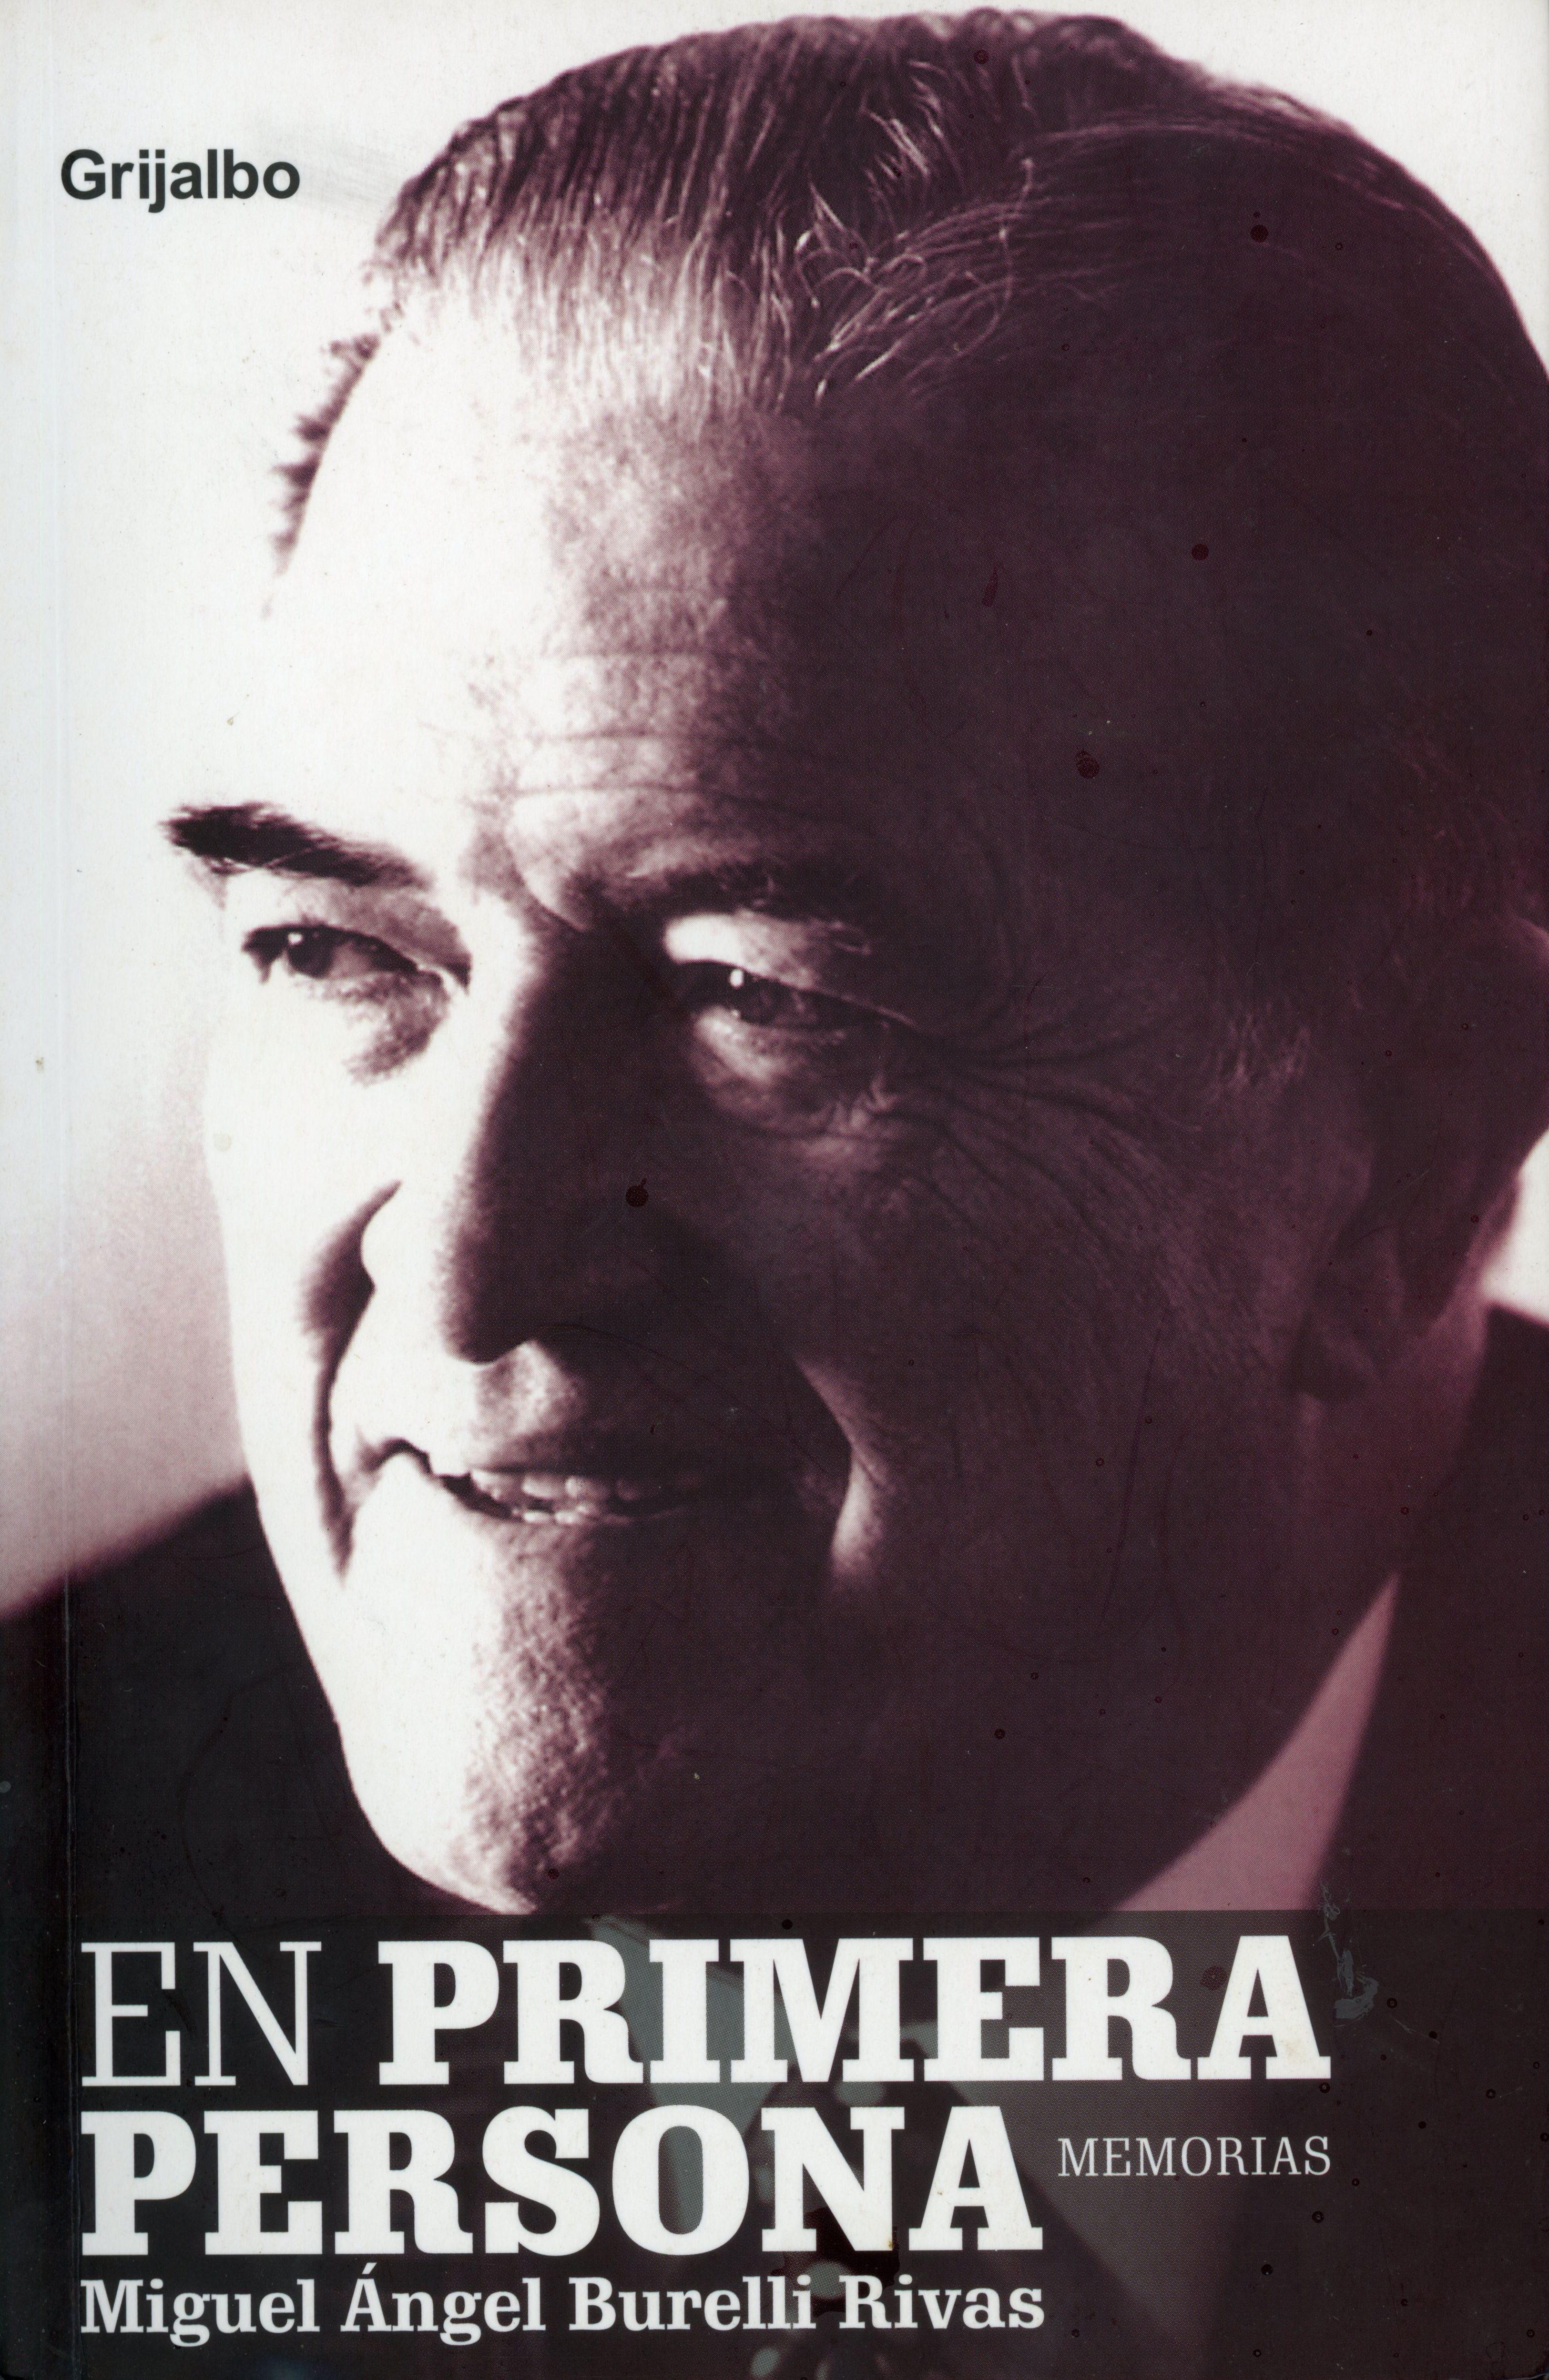 Burelli Rivas, Miguel Ángel. Sobre Rafael Caldera